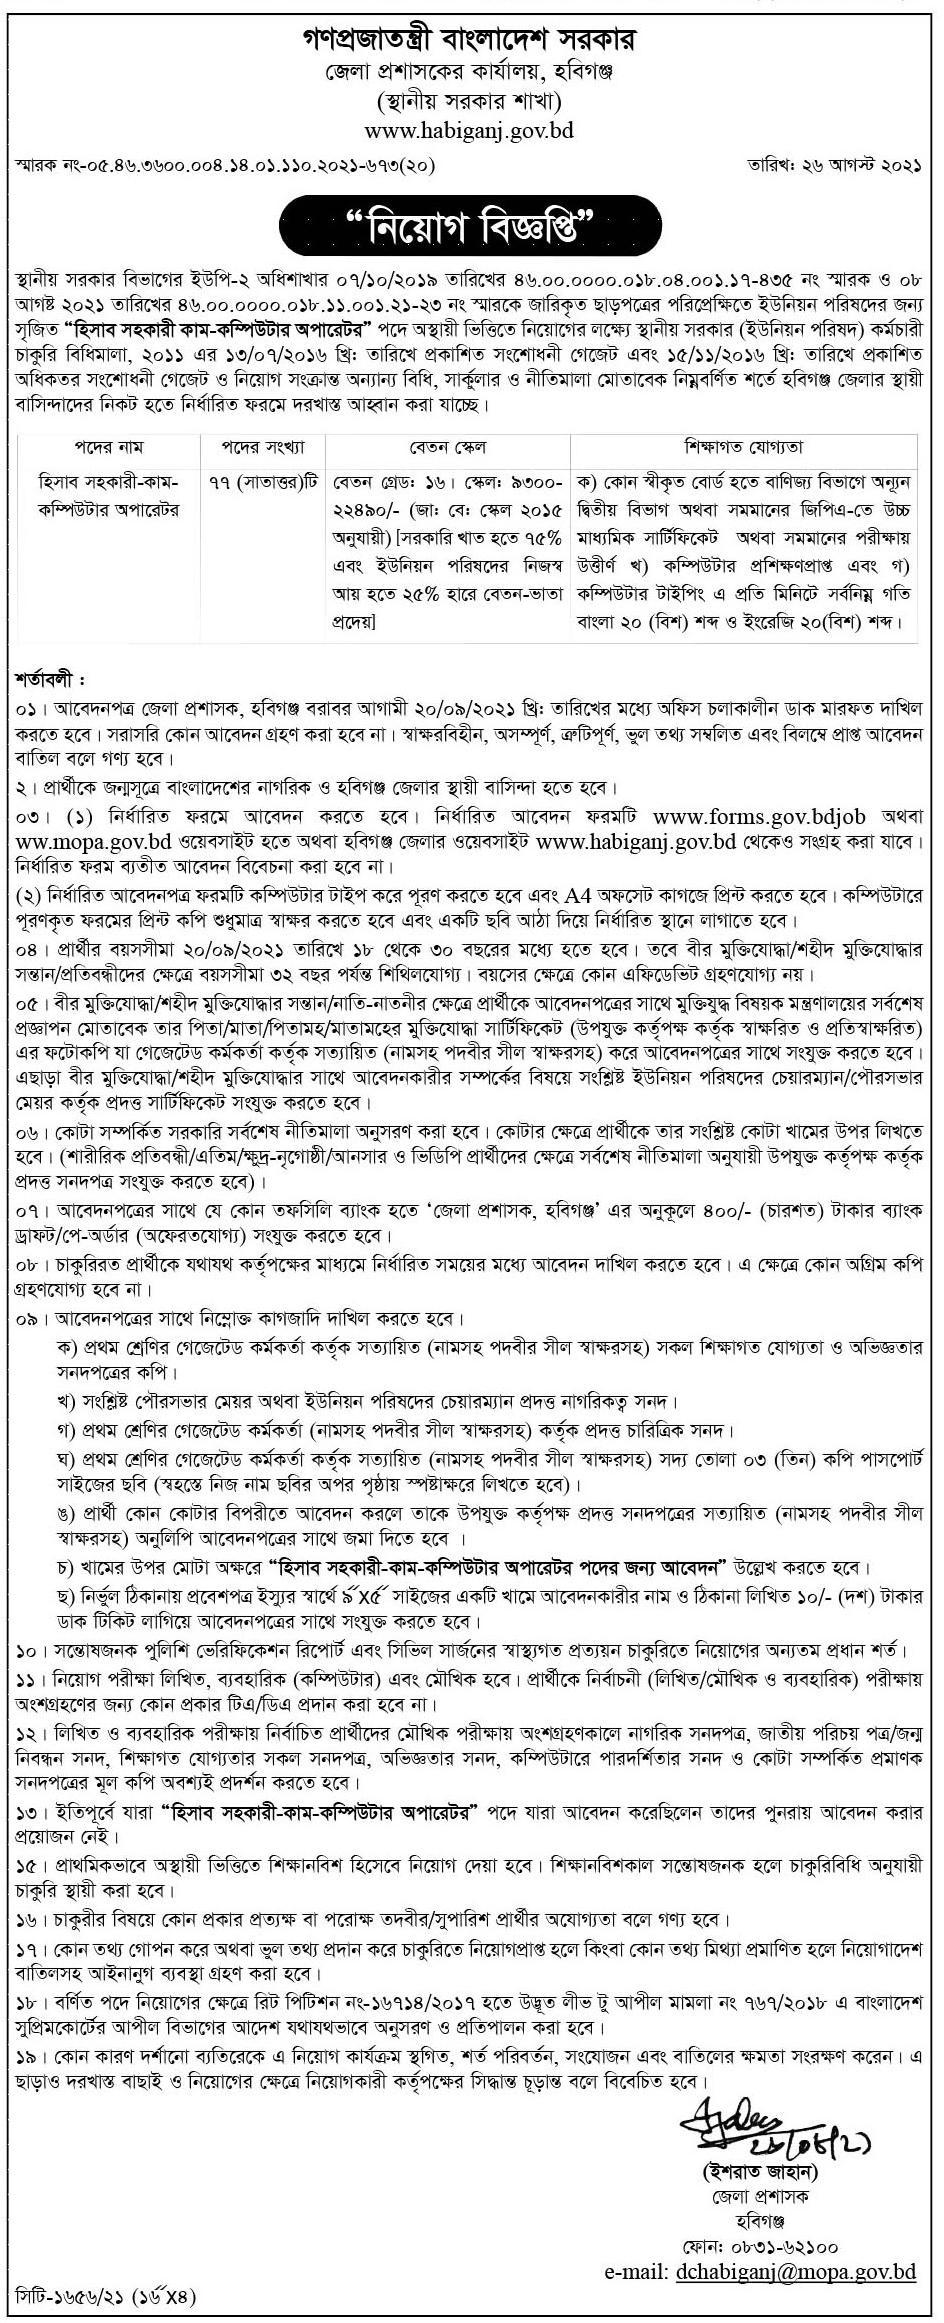 সকল জেলা প্রশাসকের কার্যালয়ে নিয়োগ বিজ্ঞপ্তি ২০২১ - All District Commissioner dc Office Job Circular 2021 - এলাকা ভিত্তিক চাকরির খবর - সরকারি চাকরির খবর ২০২১